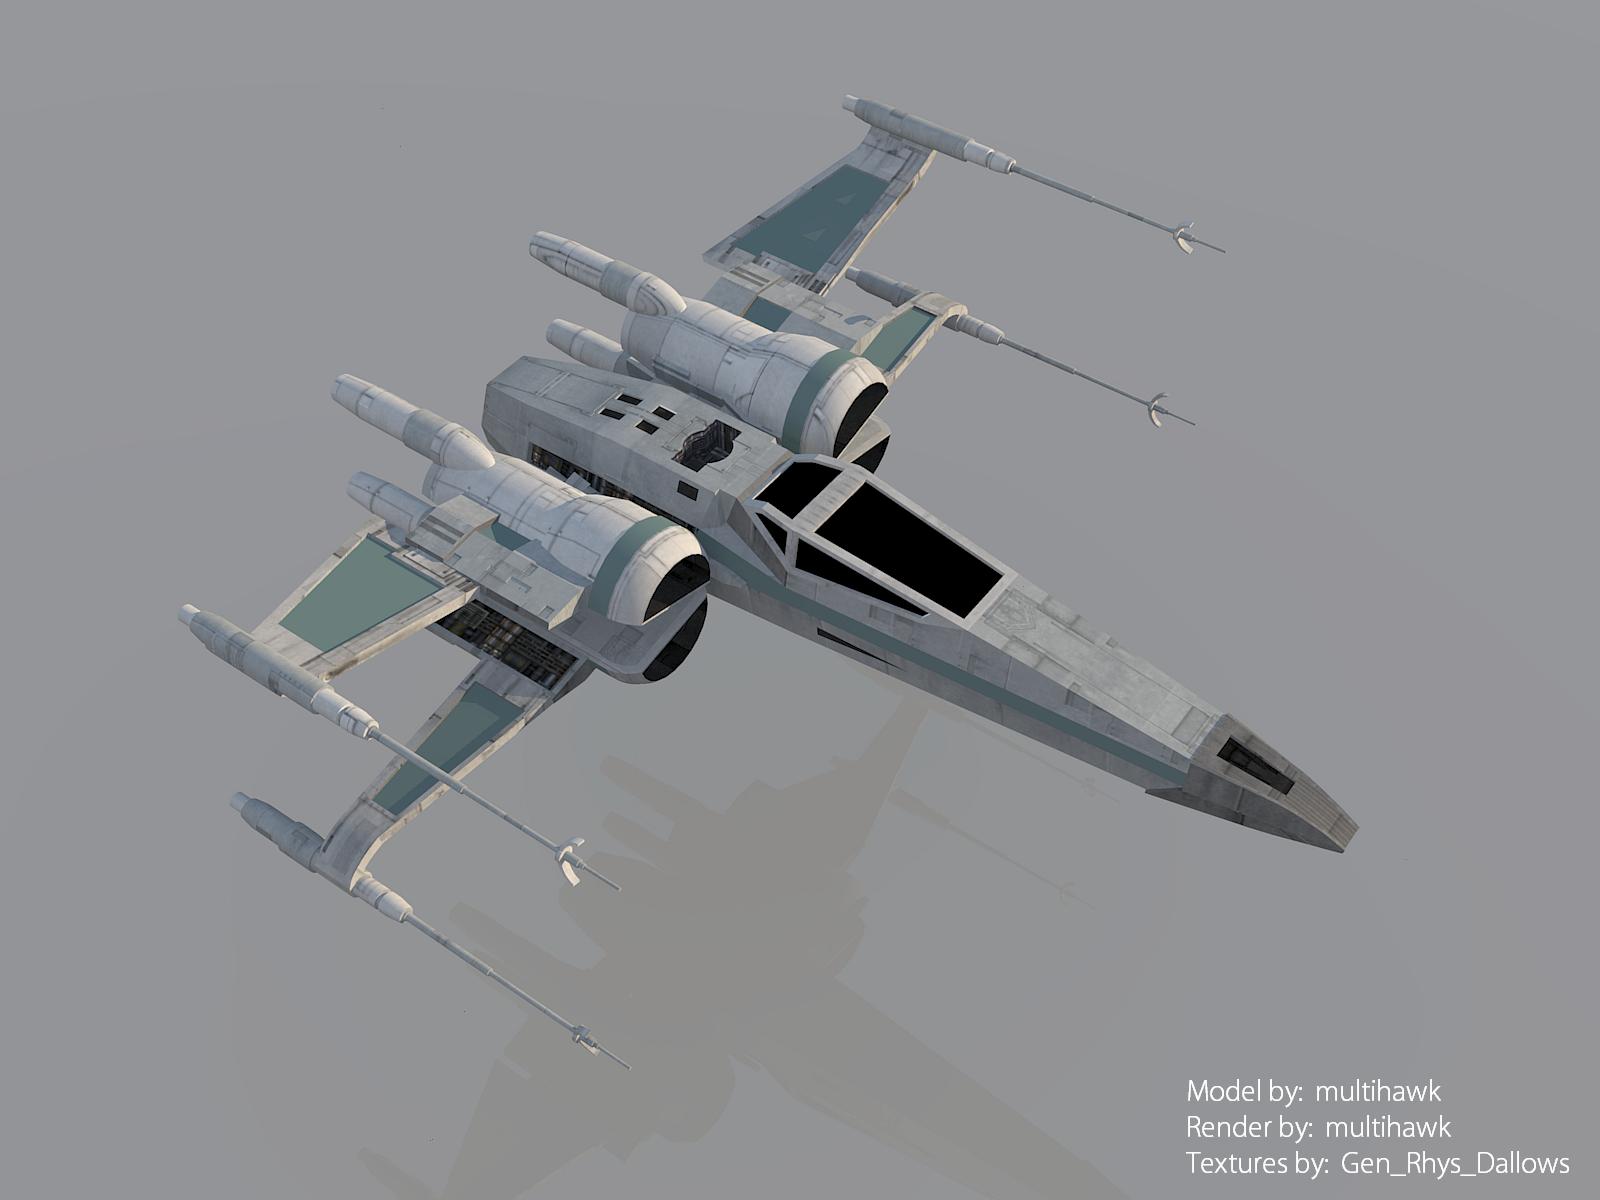 Star Wars The Force Awakens T 70 X Wing Render By Multihawk On Deviantart